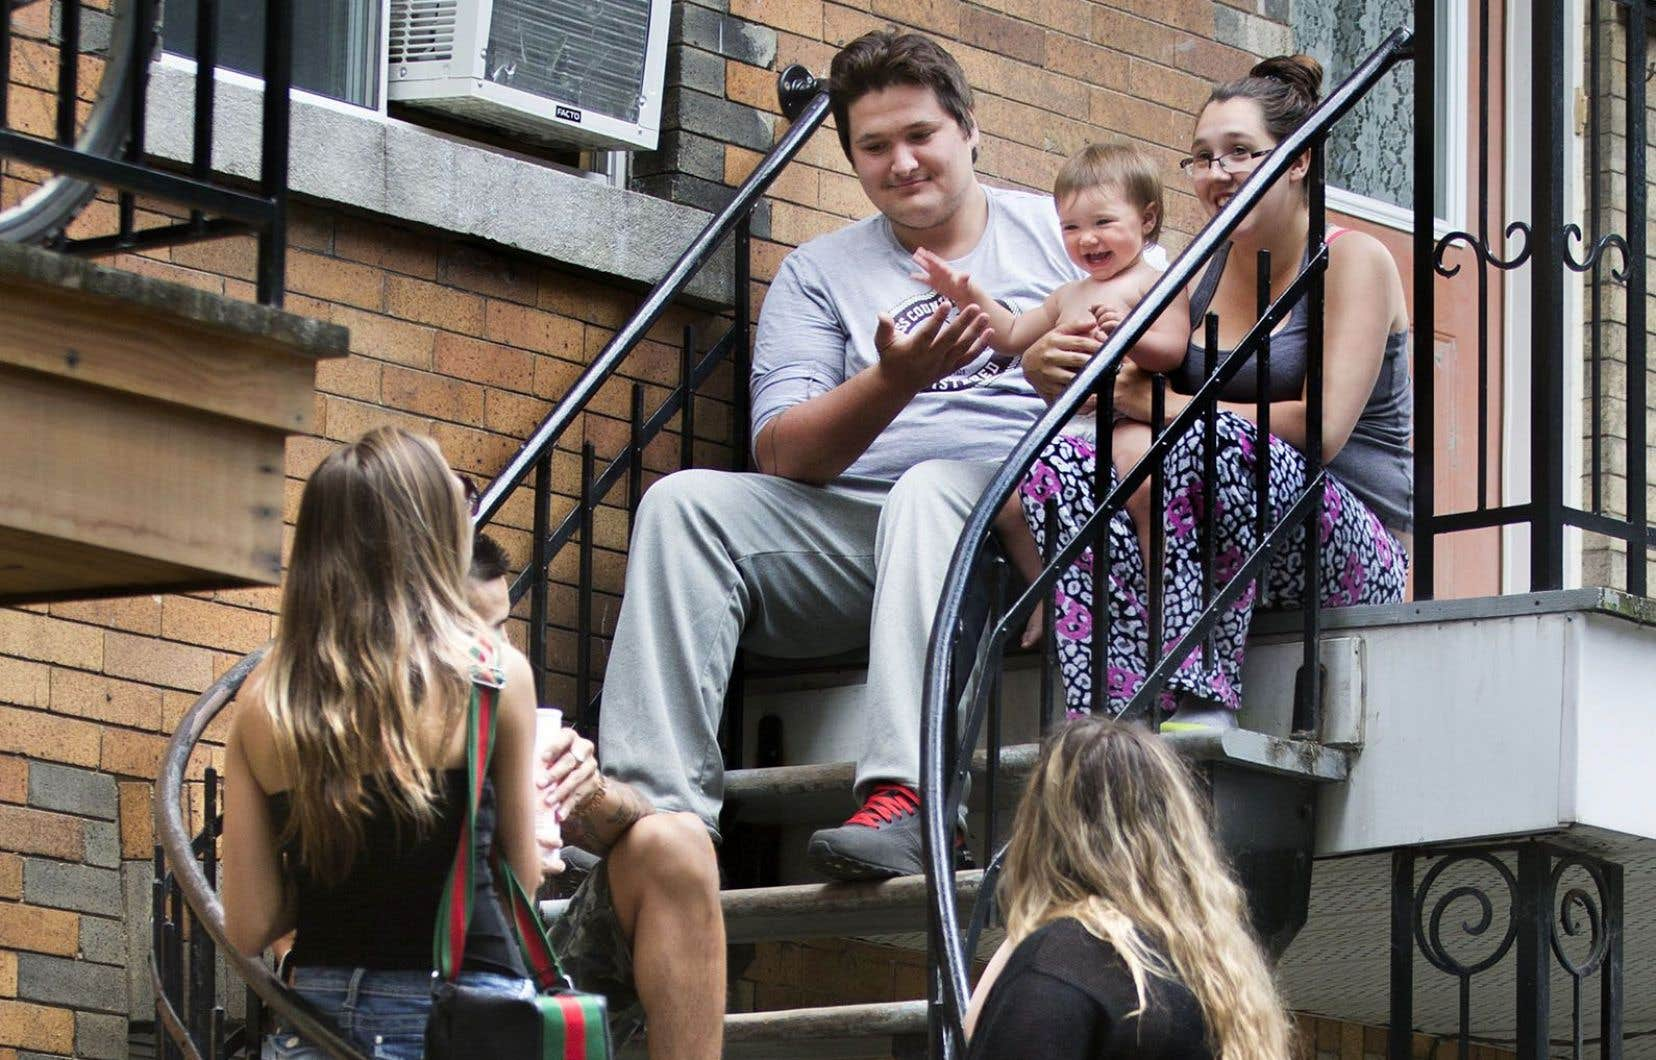 Entre 1976 et 2011, les familles de trois personnes ont augmenté, de 24 % à presque 31 %, et celles de 4 personnes de 37 % à 43 %.